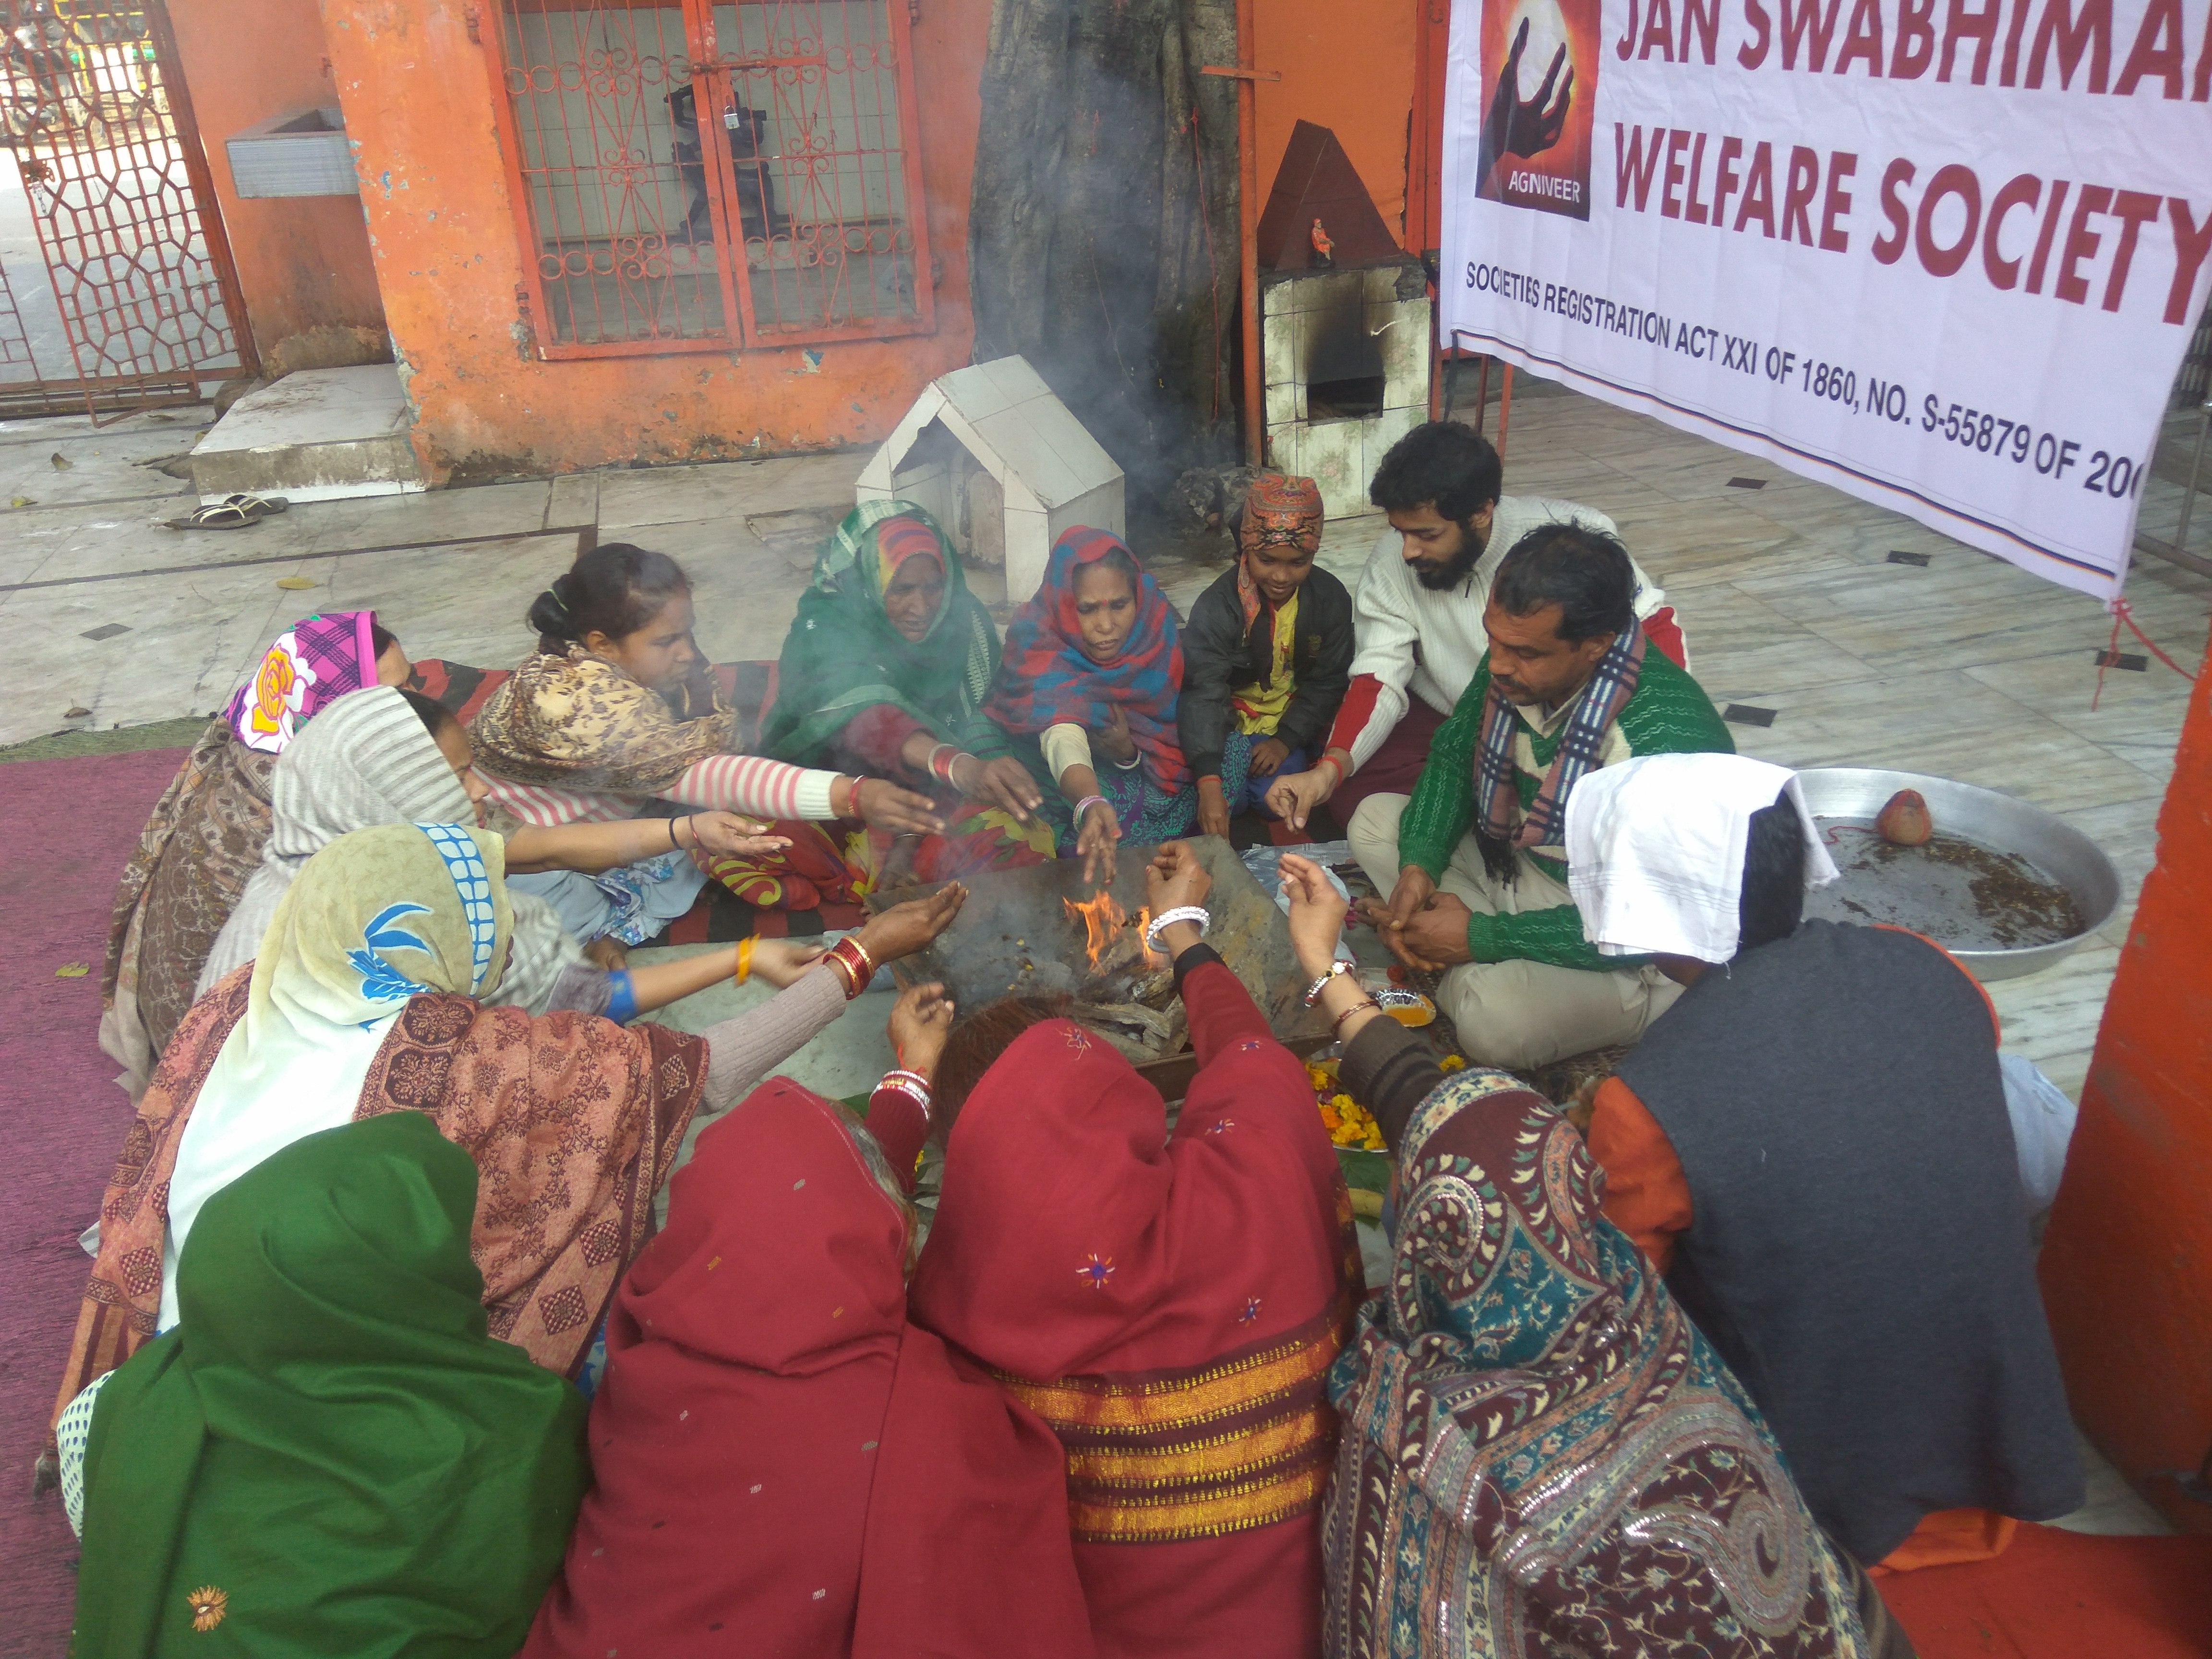 Social equality Yajnas and awareness programs